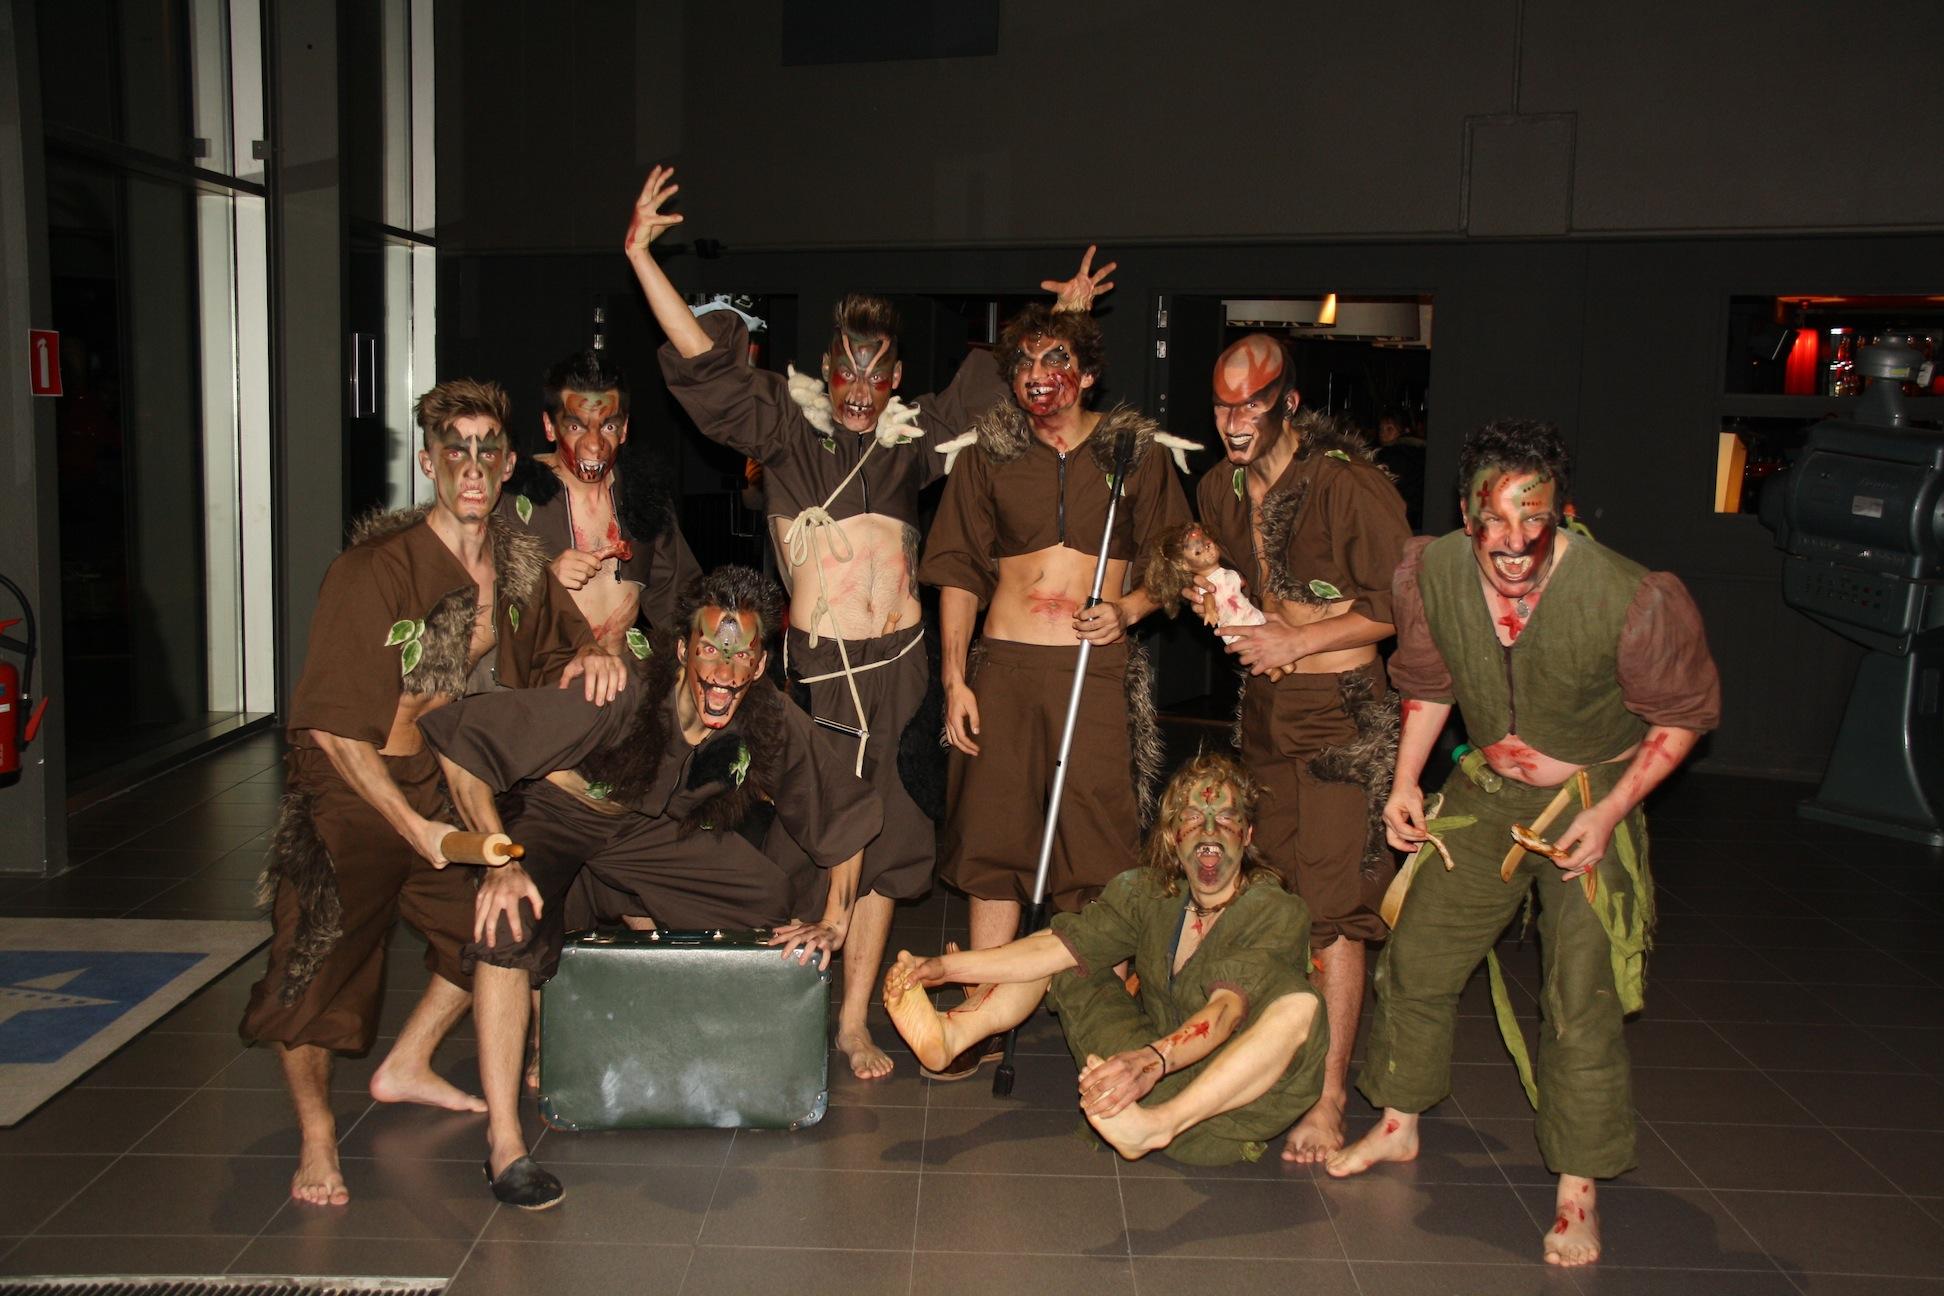 Kannibalen groep